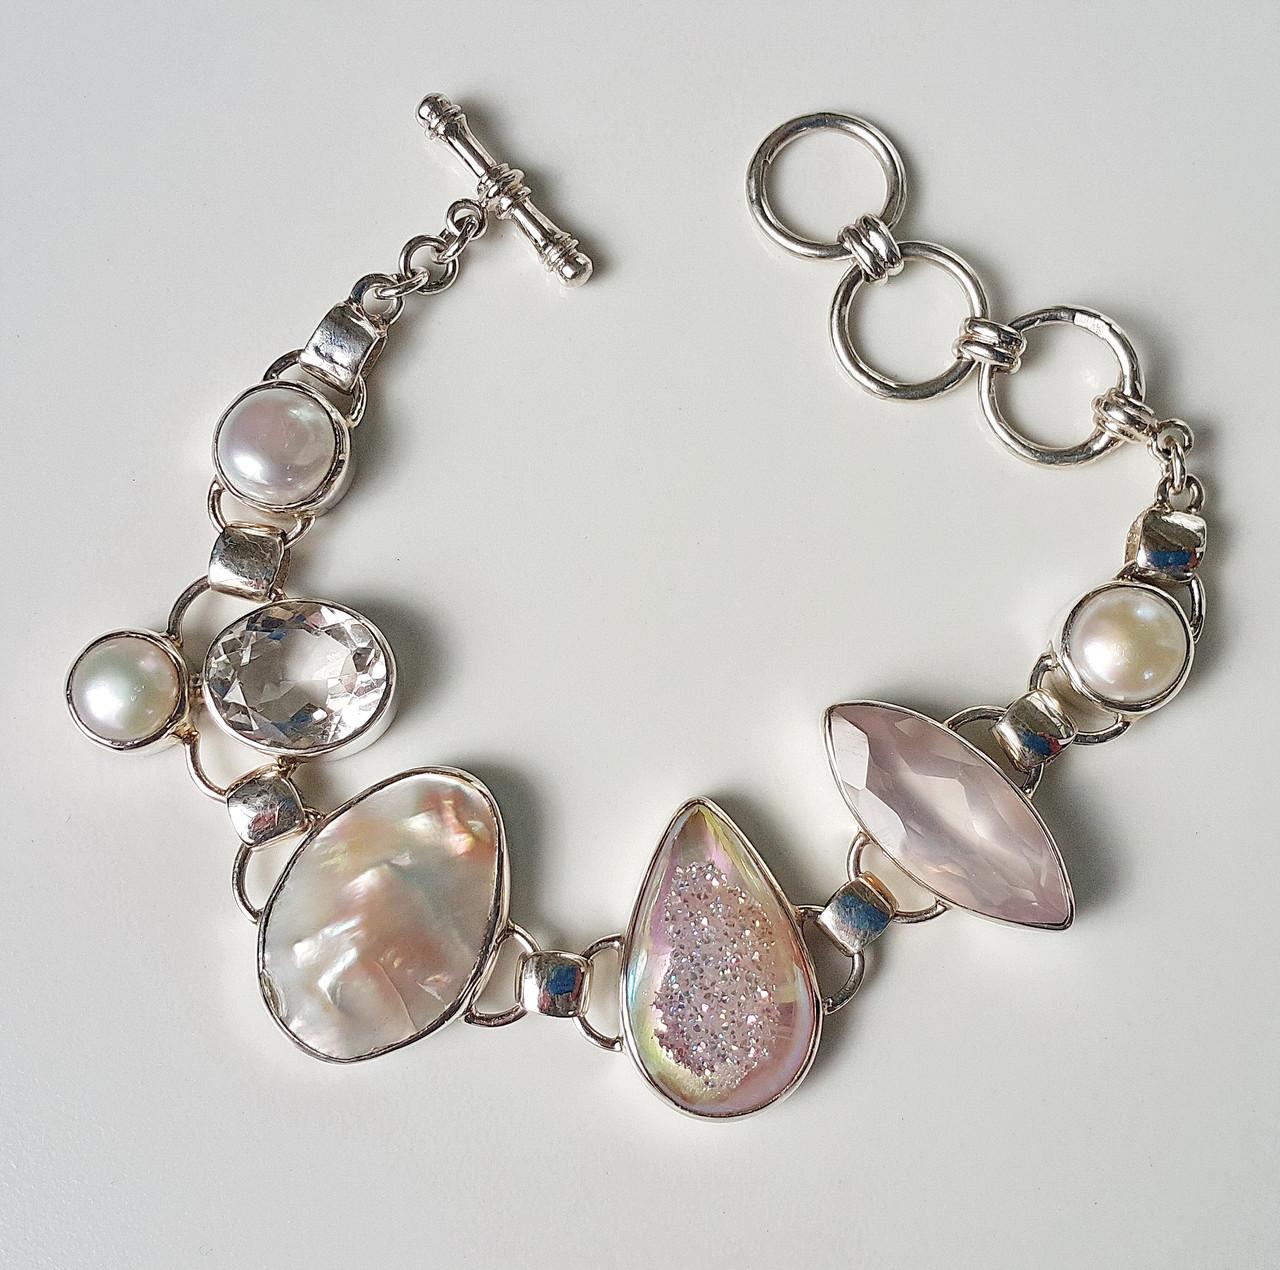 Серебряные браслеты из натуральных камней